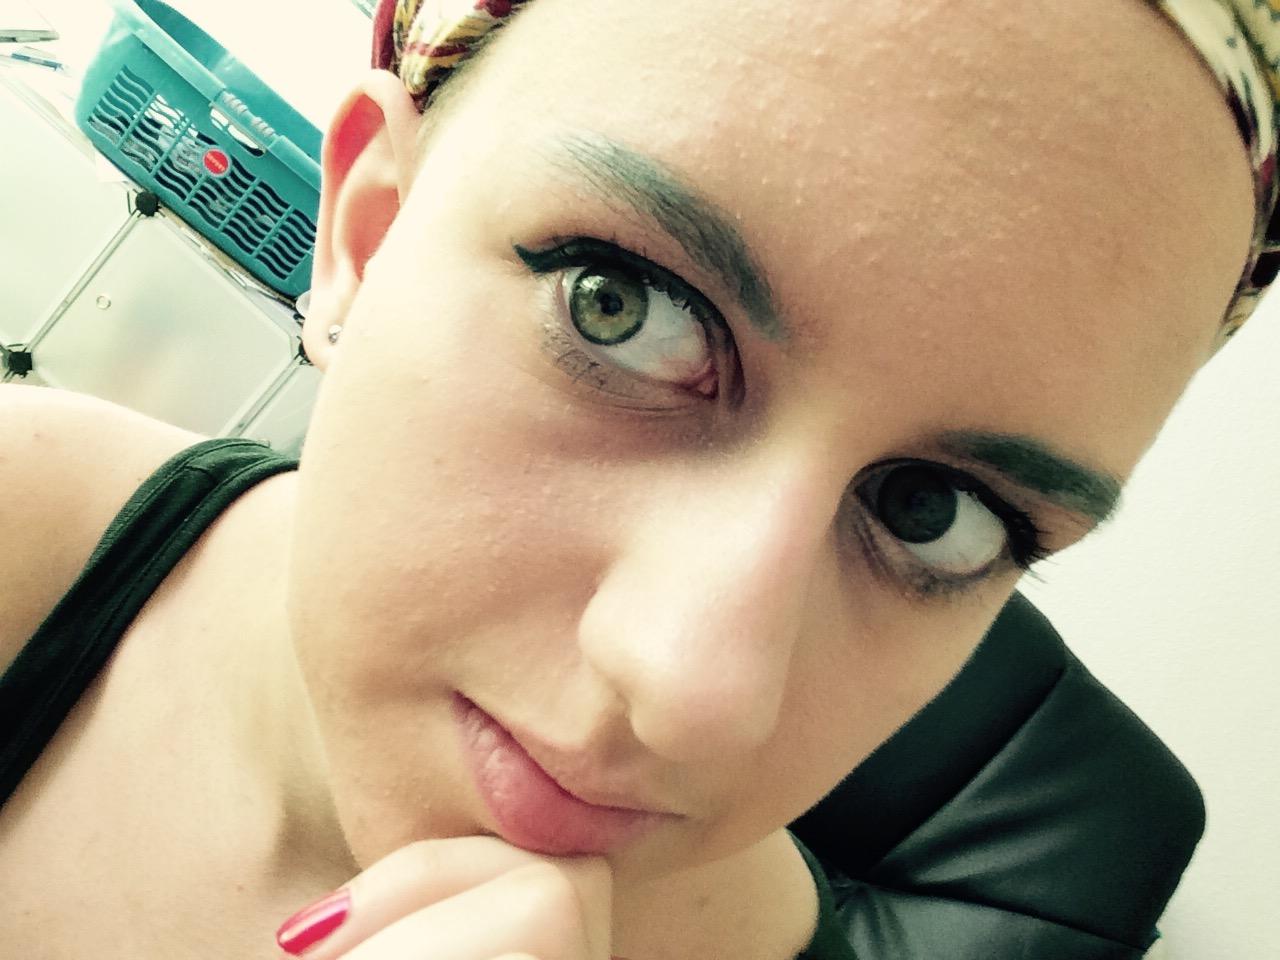 Ich habe es geschafft, Eyeliner zu benutzen, ohne mir Augen auszustechen. \o/